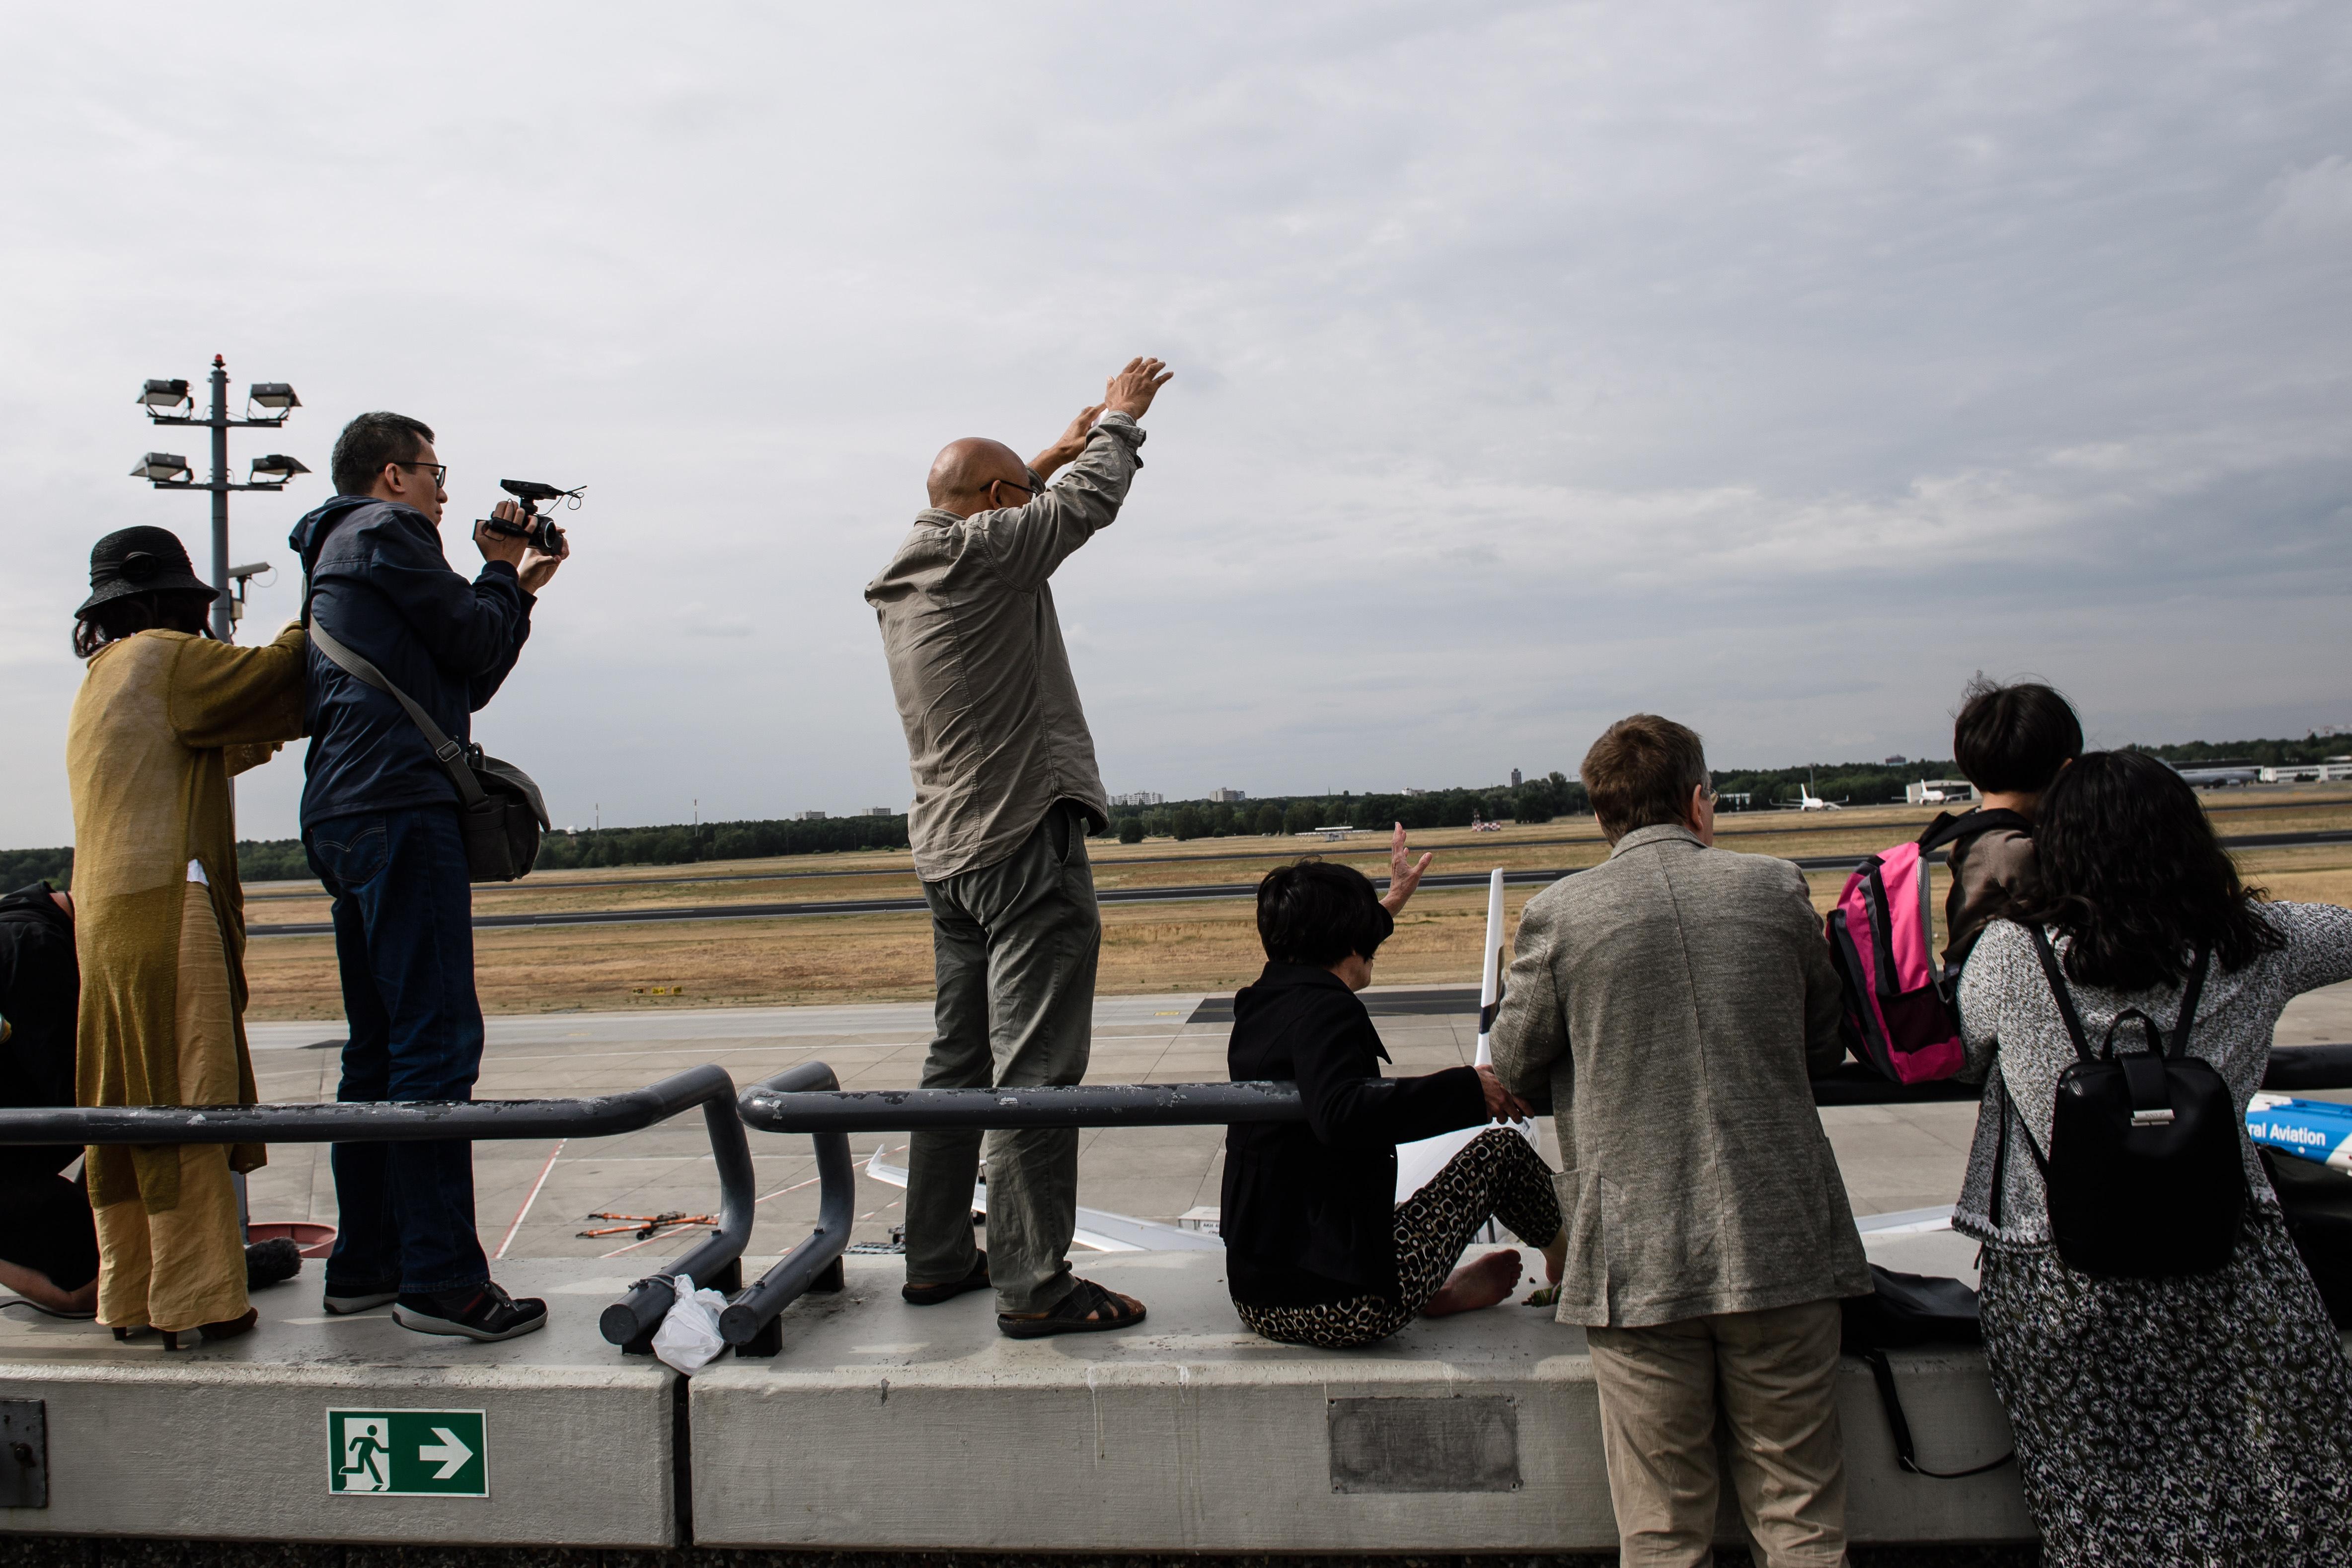 劉霞從芬蘭轉到德國,支持者在柏林機場停機坪及大廳等候,卻未能與劉霞照面。(歐新社)